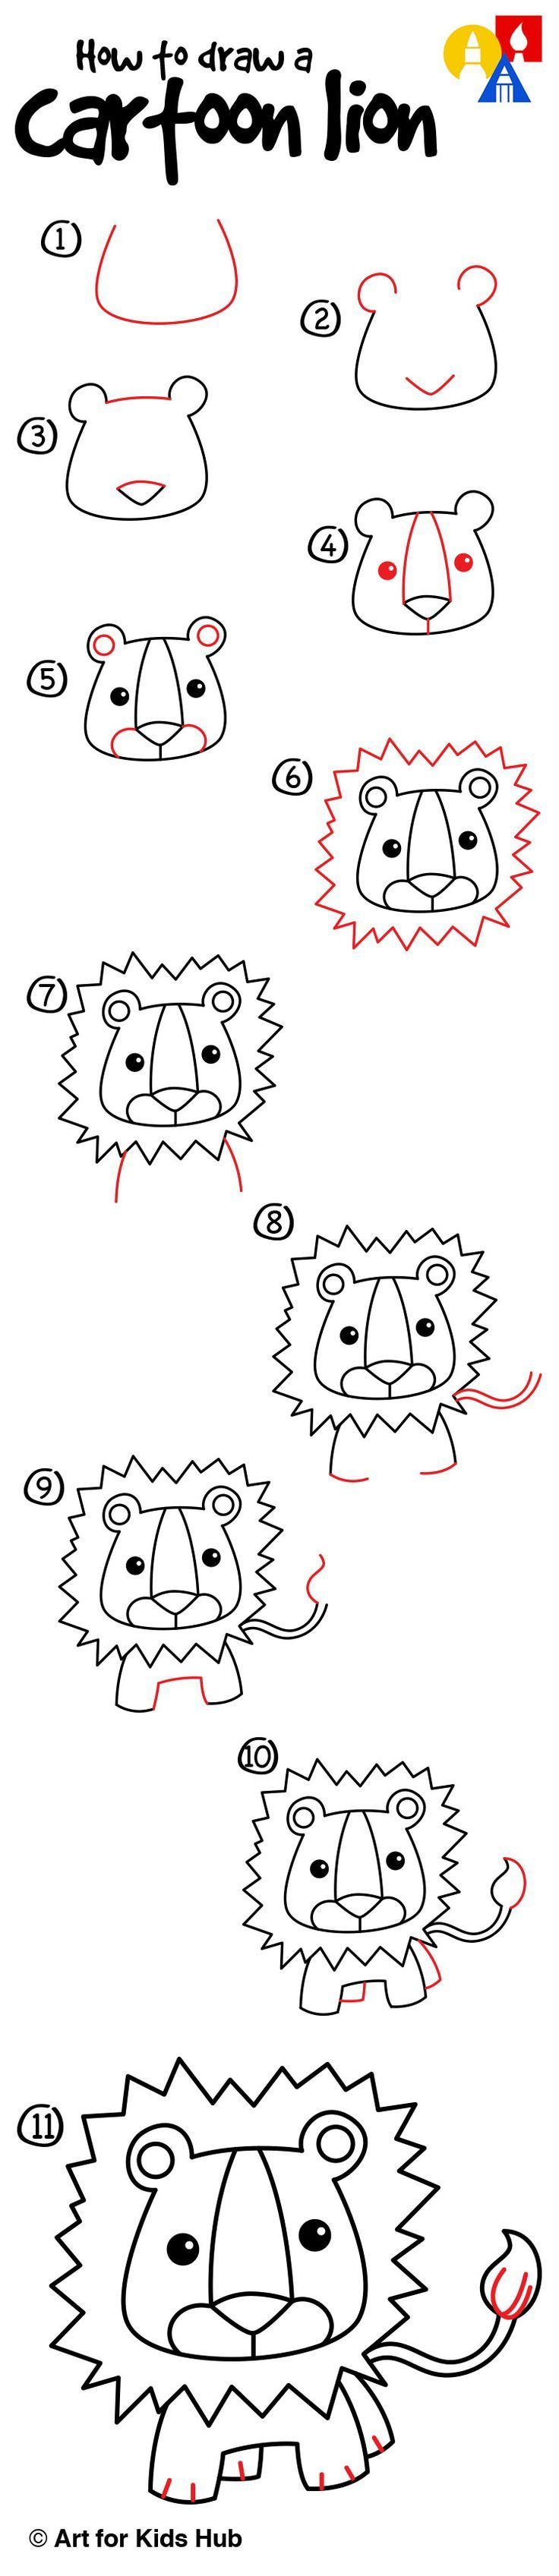 Wie Zeichnet Man Ein Lowe Cartoon Kunst Fur Kinder Hub Cartoon Ein F Art For Kids Hub Cartoon Lion Drawing For Kids